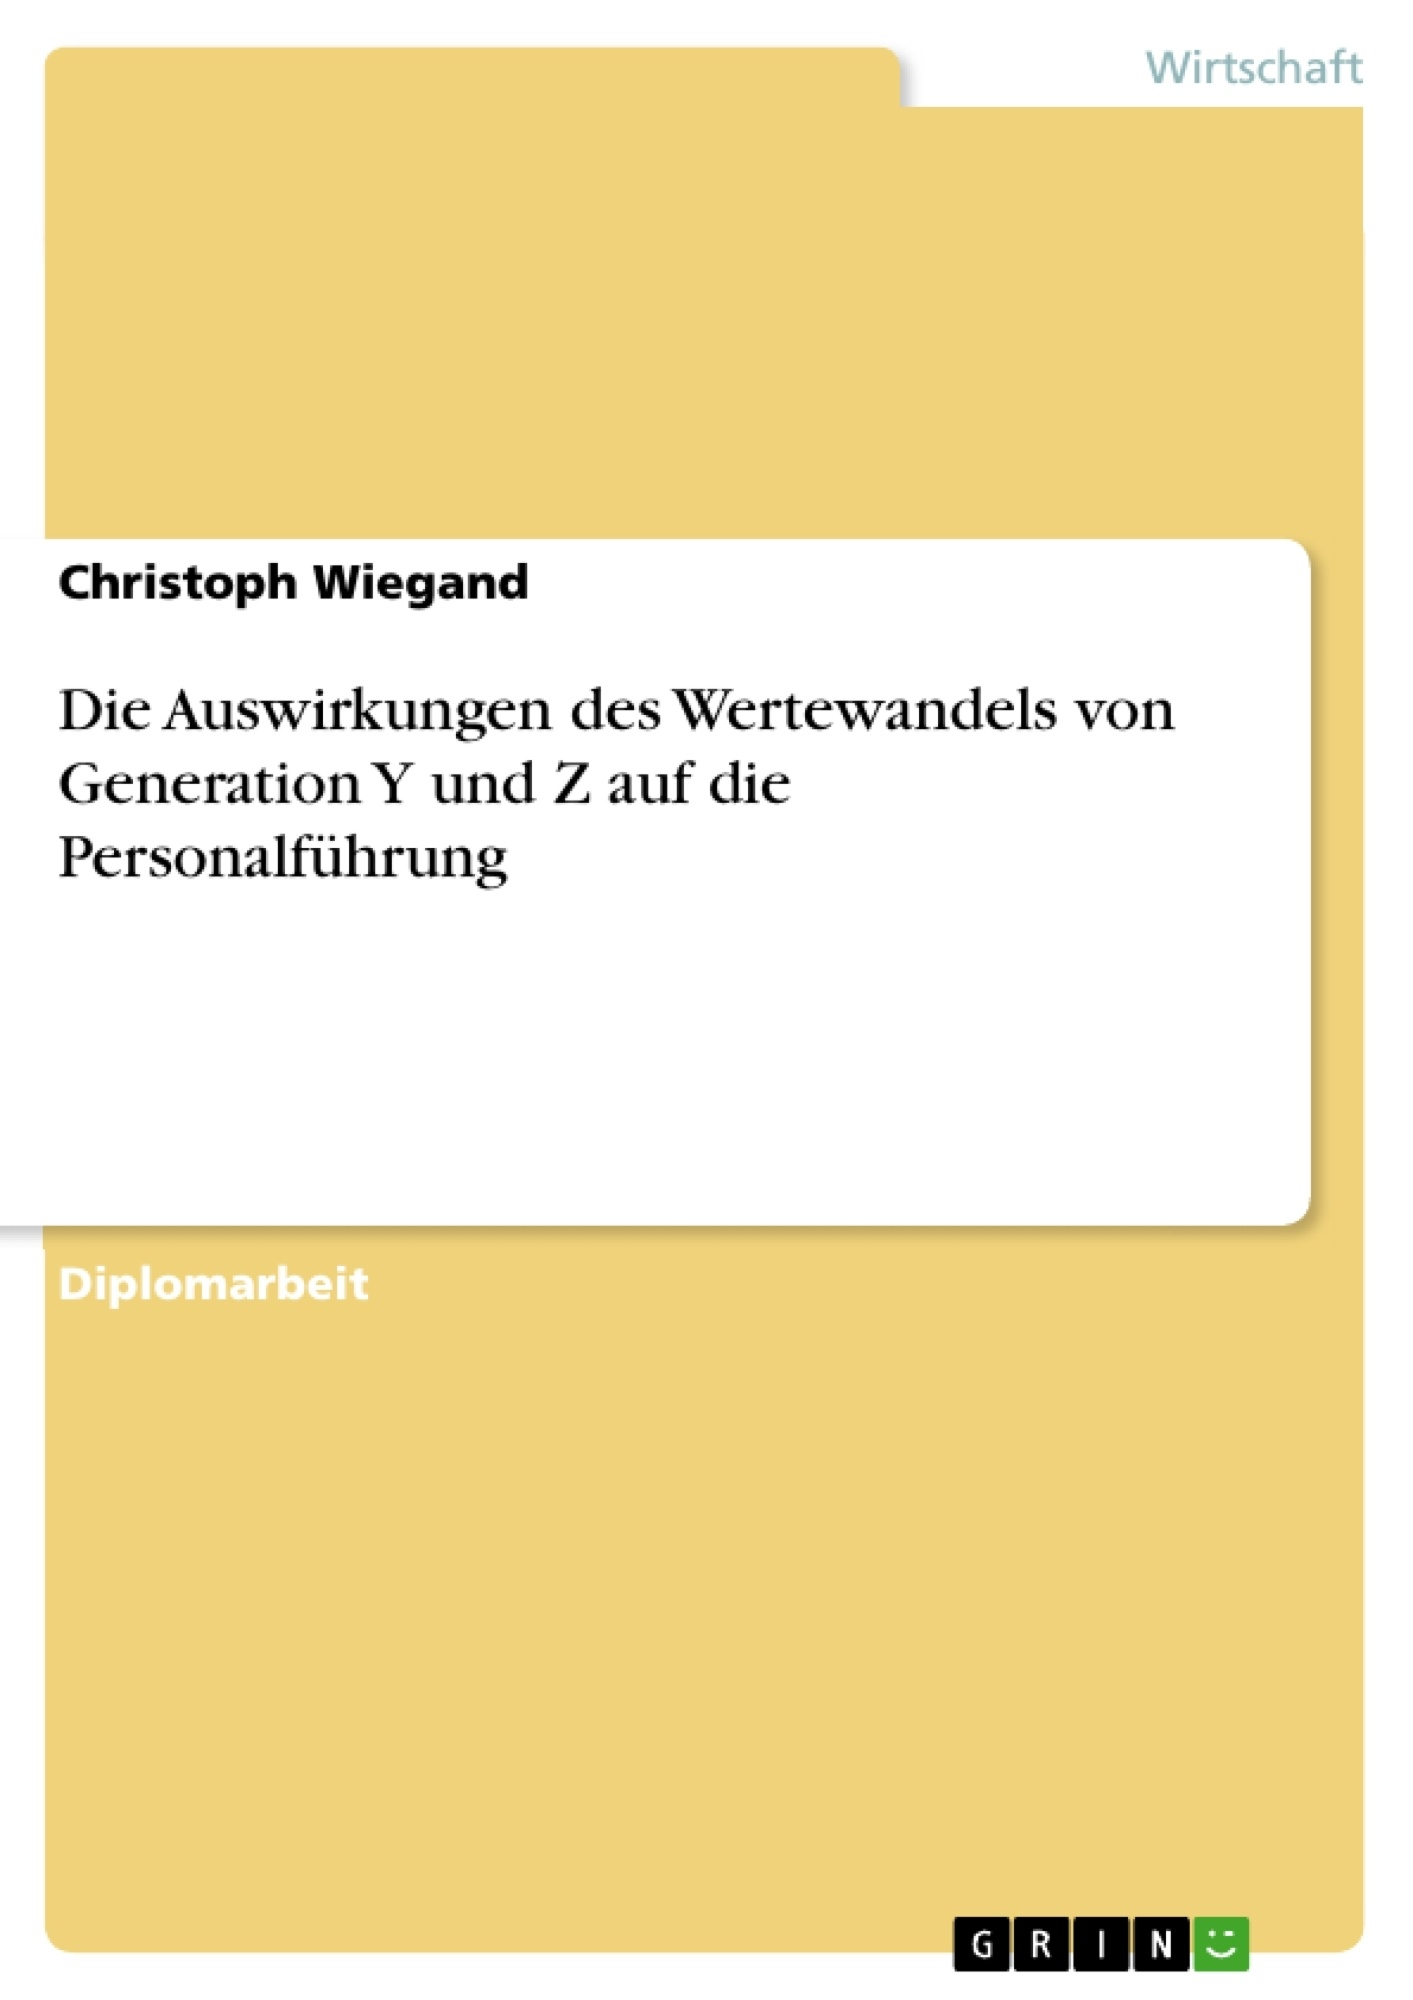 Titel: Die Auswirkungen des Wertewandels von Generation Y und Z auf die Personalführung